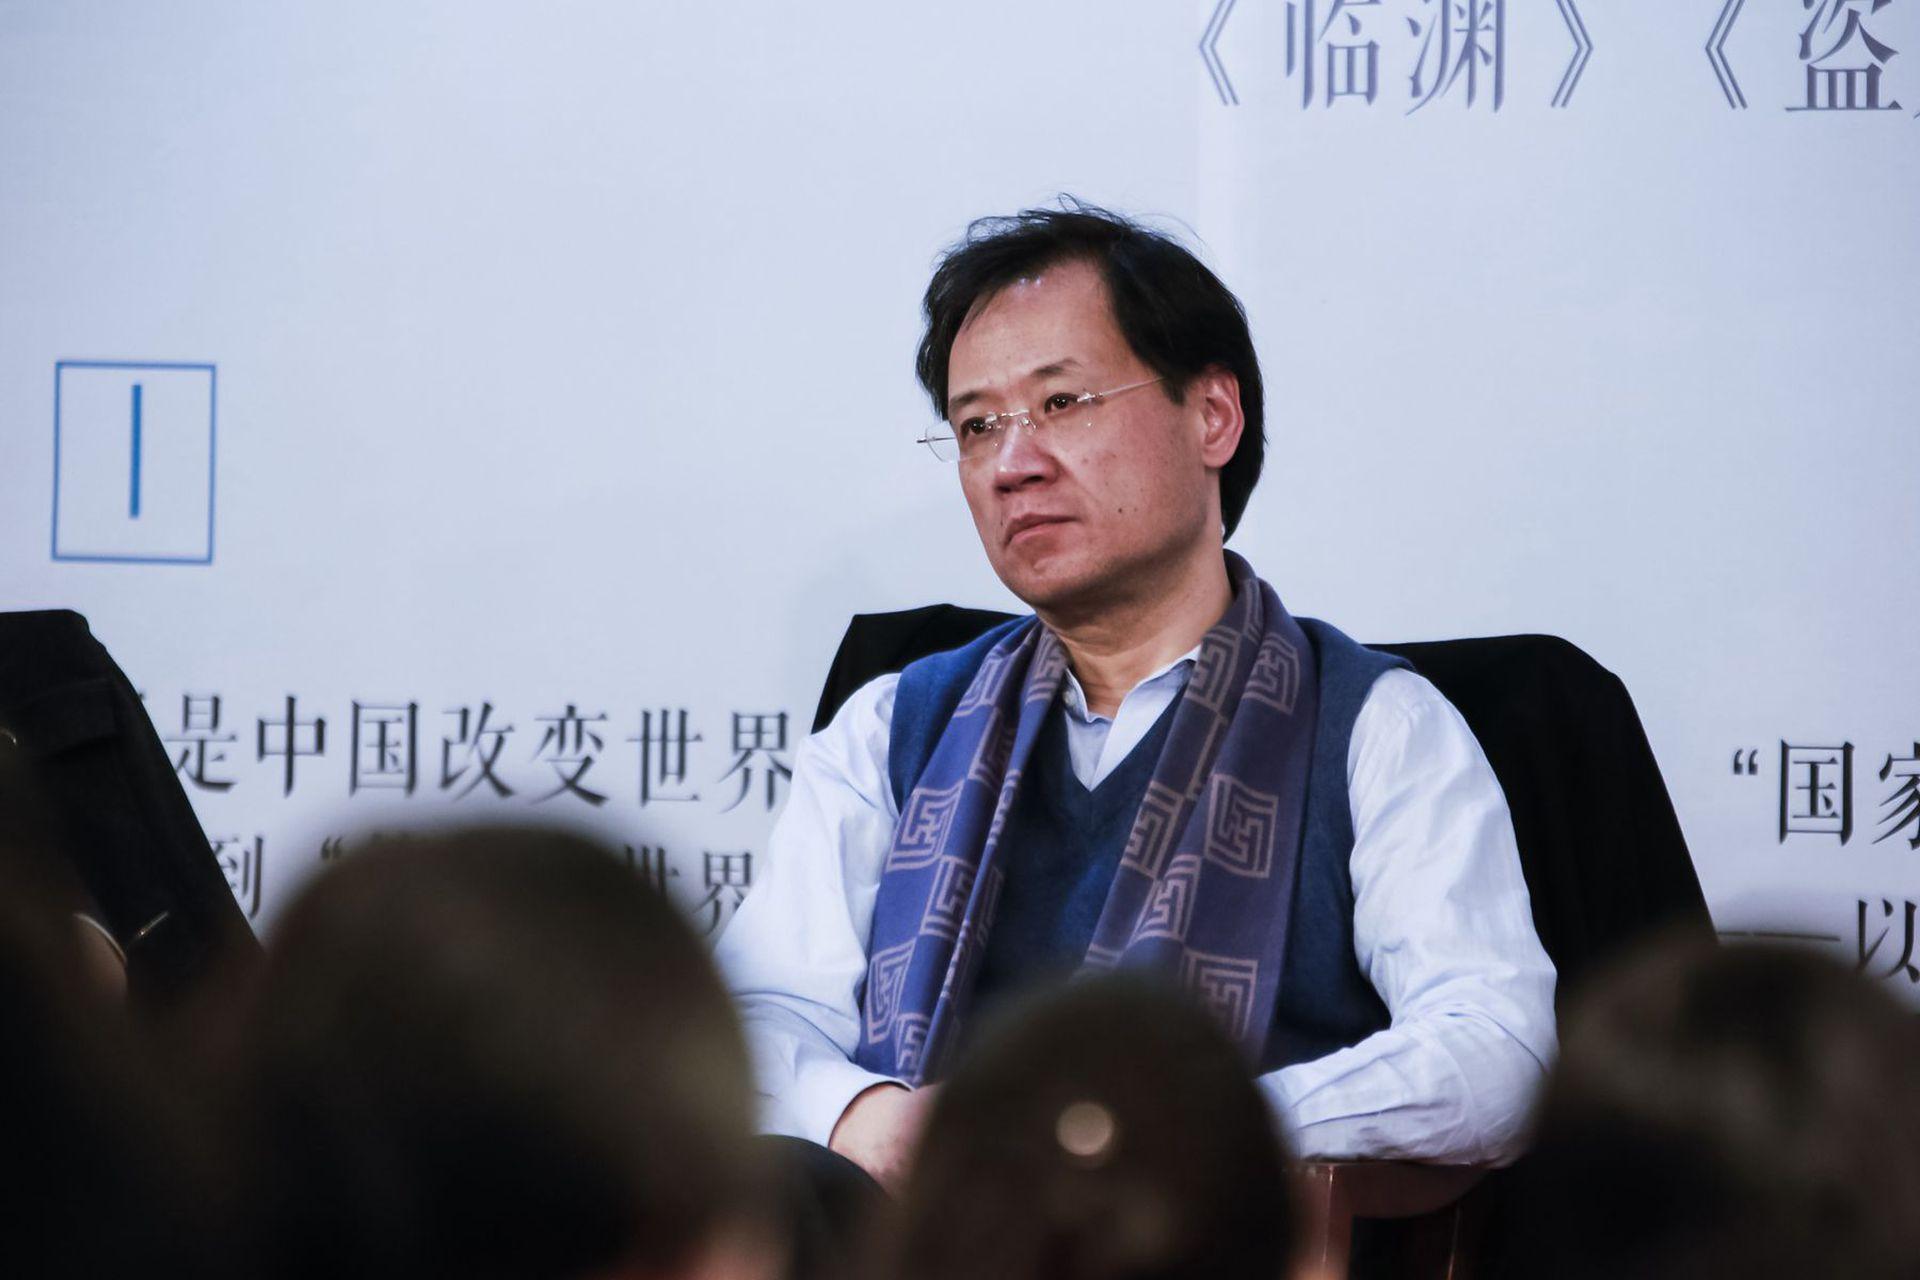 许章润此前因争议言论被北京清华大学撤销所有职务,引发极大争议。(视觉中国)